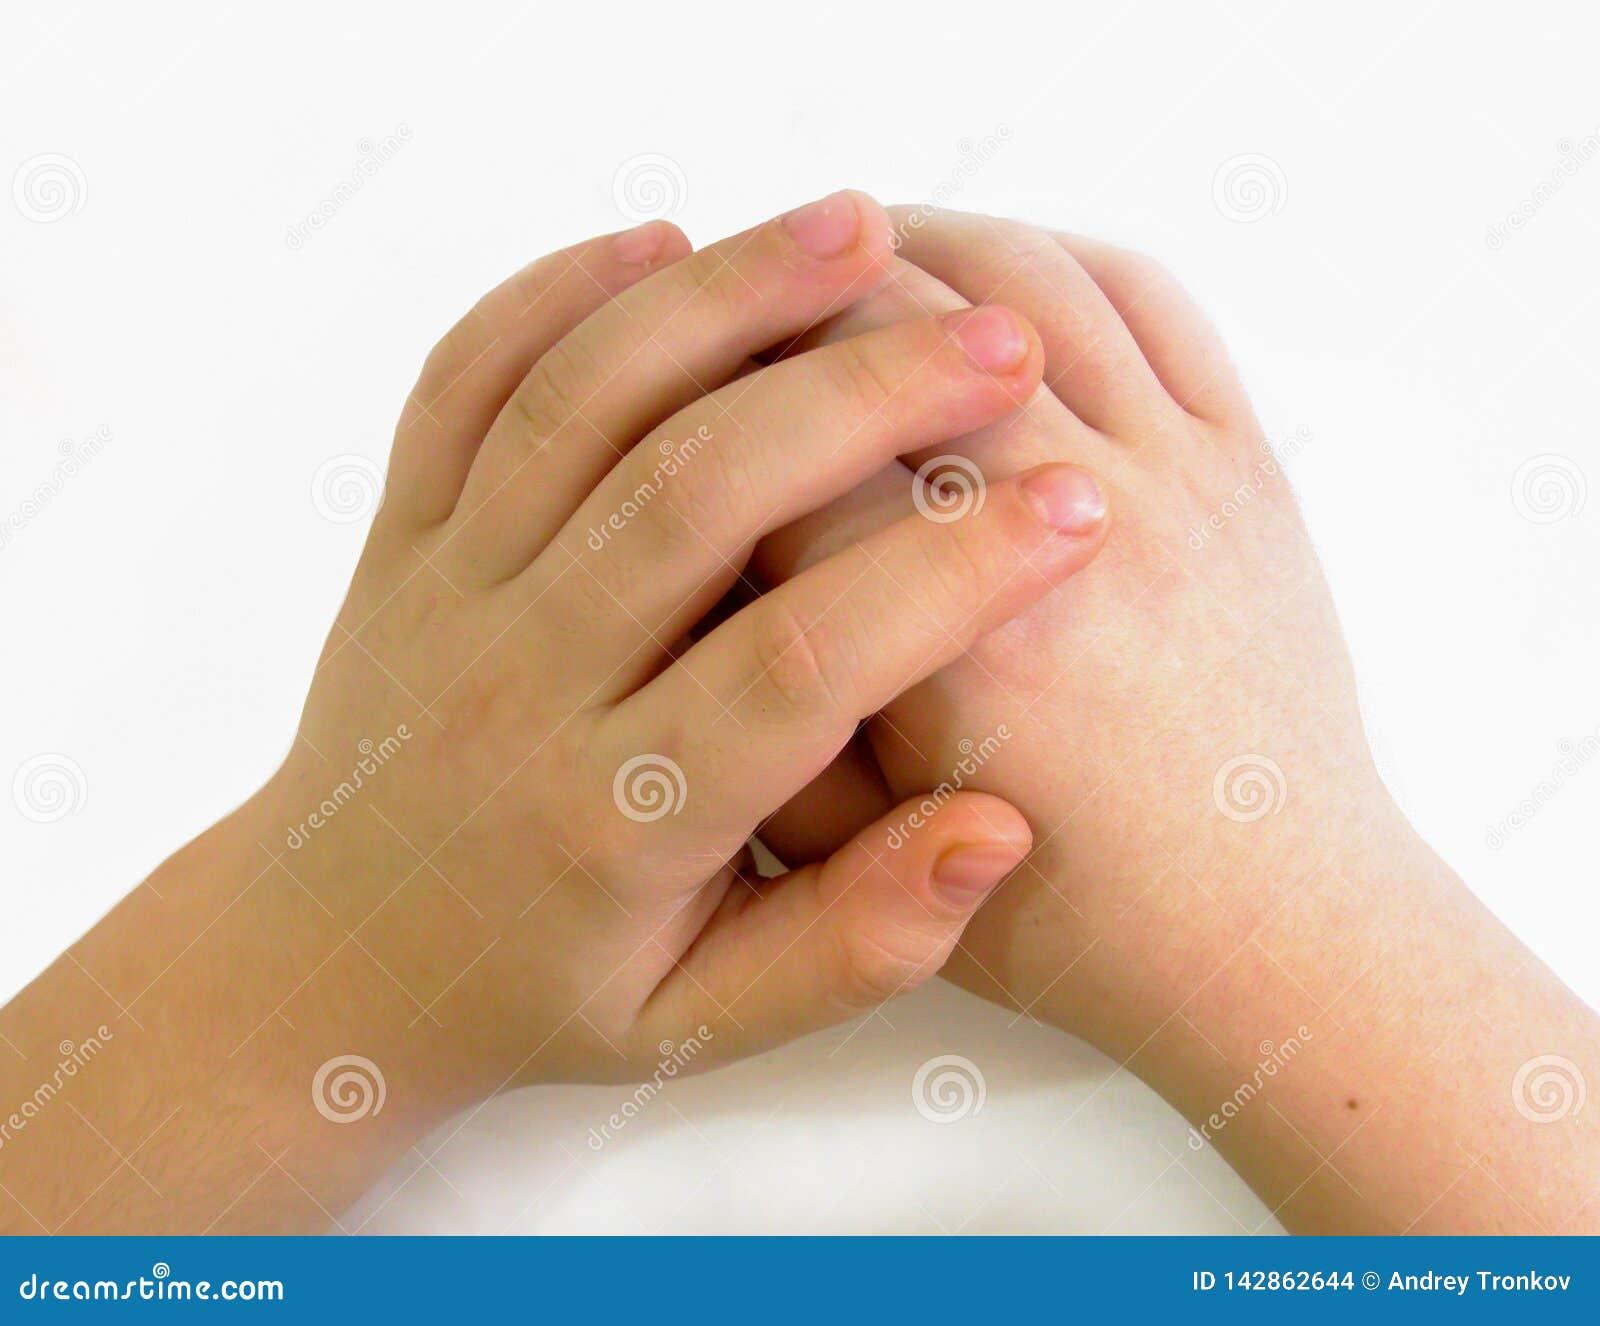 人的手是其中一个最传神的身体部位